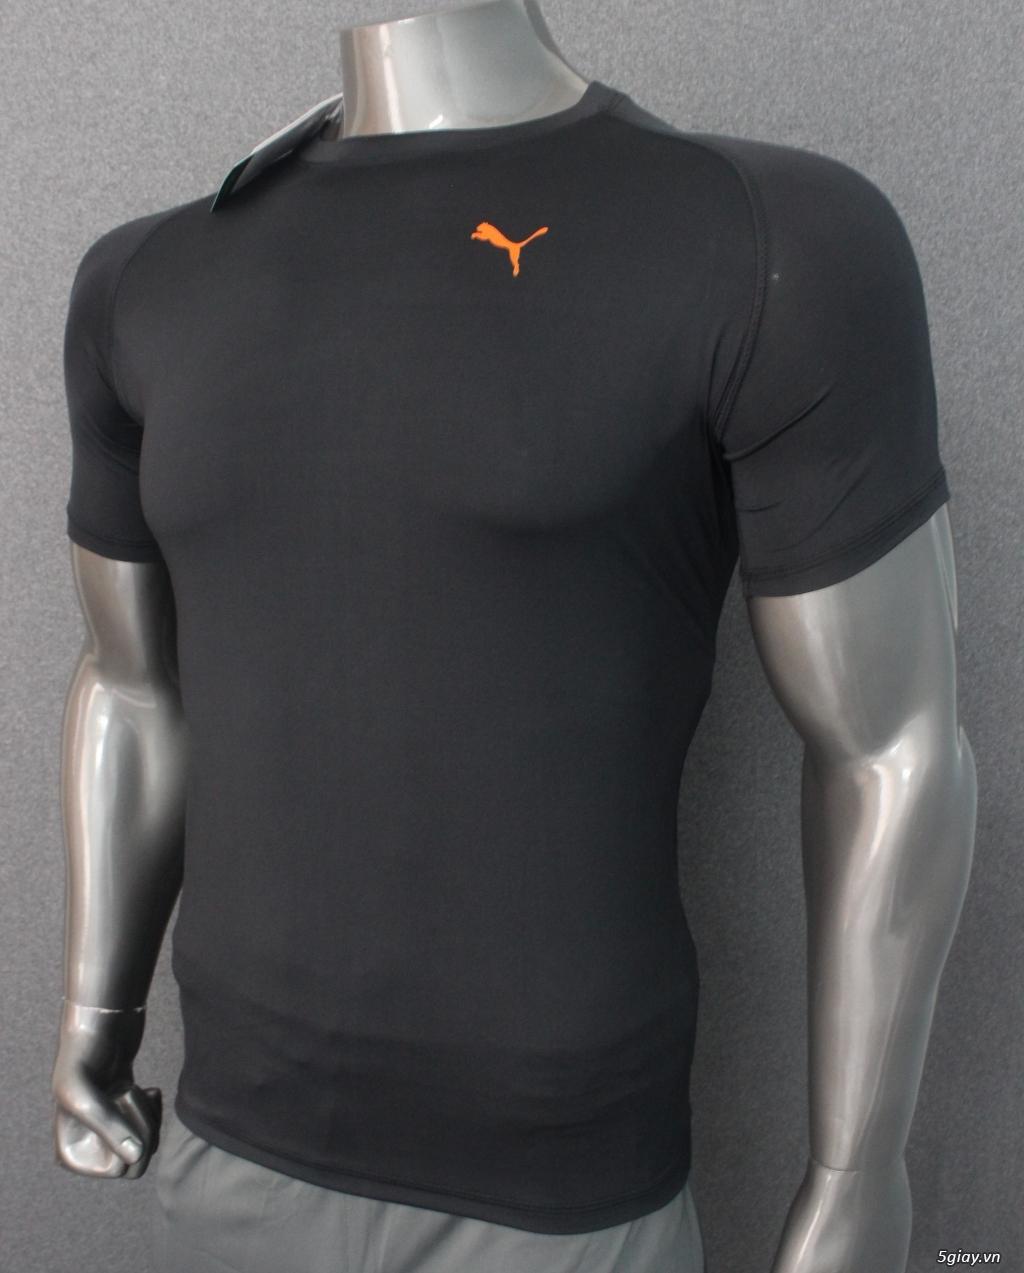 Chuyên cung cấp quần áo thể thao Adidas,Nike,Under Armour,Puma...trên Toàn Quốc giá xưởng - 43